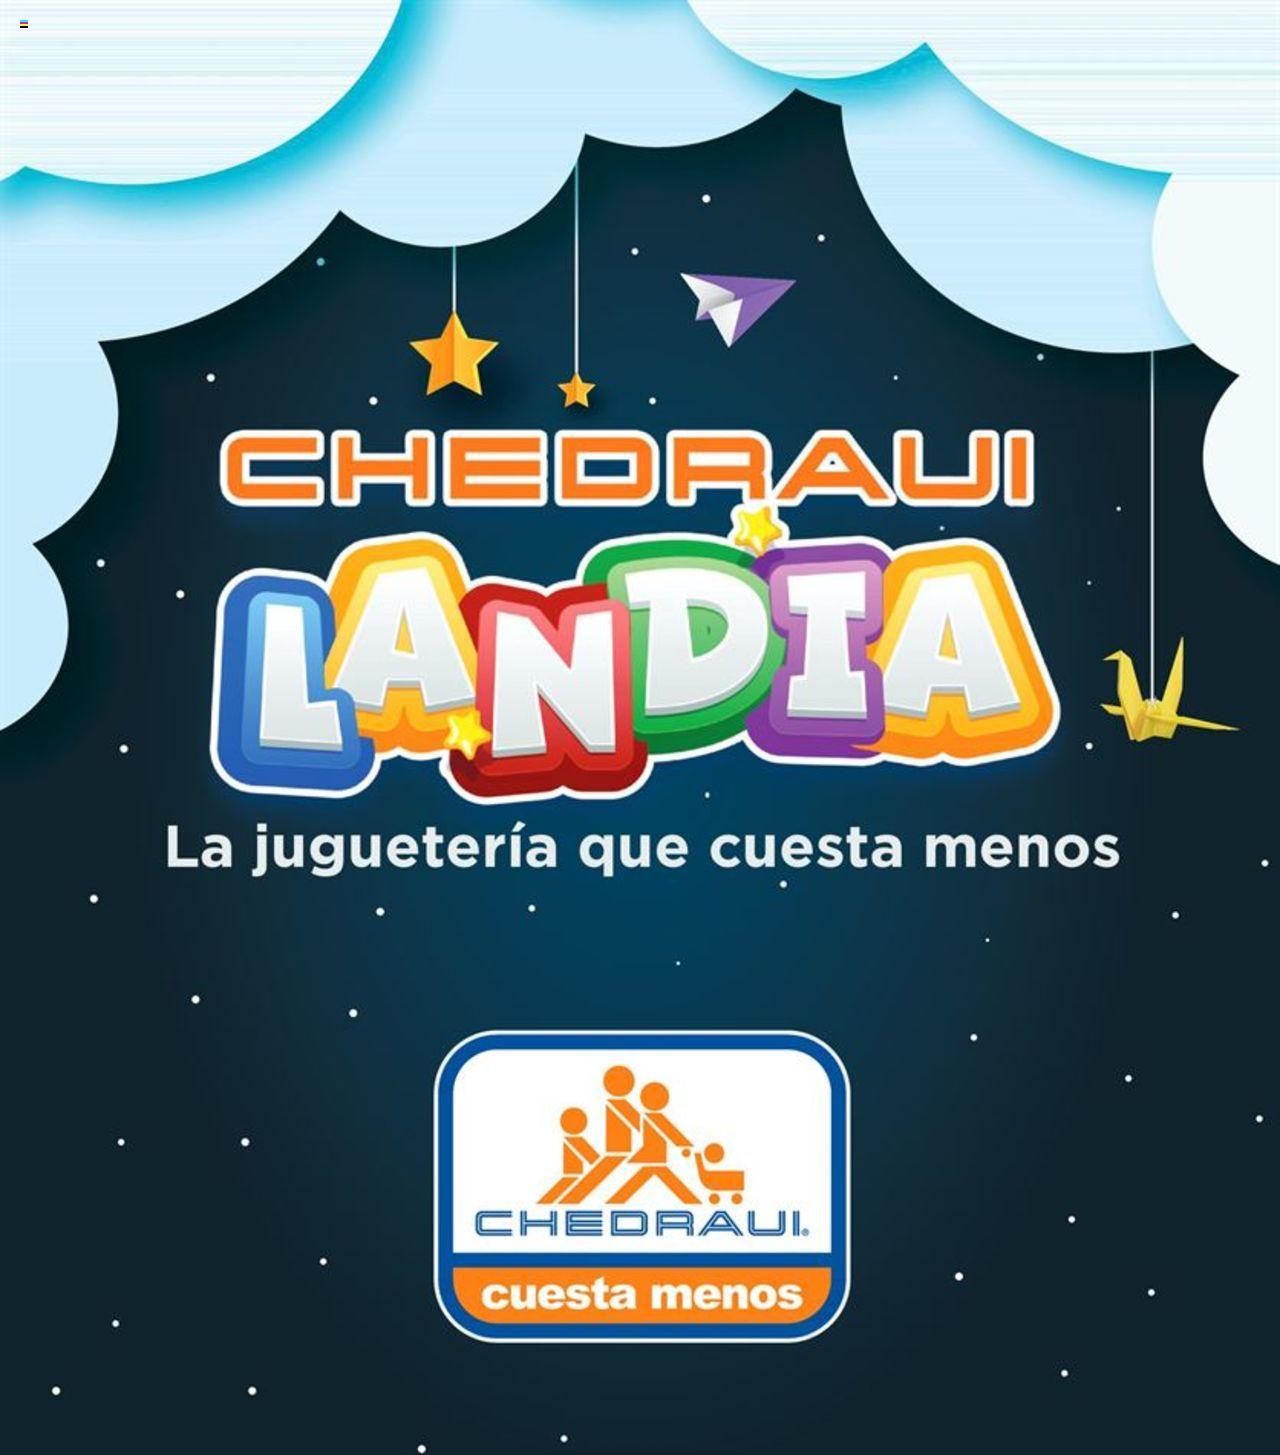 Chedraui – Folleto Chedrauilandia del 15 de octubre 2020 al 15 de enero 2021